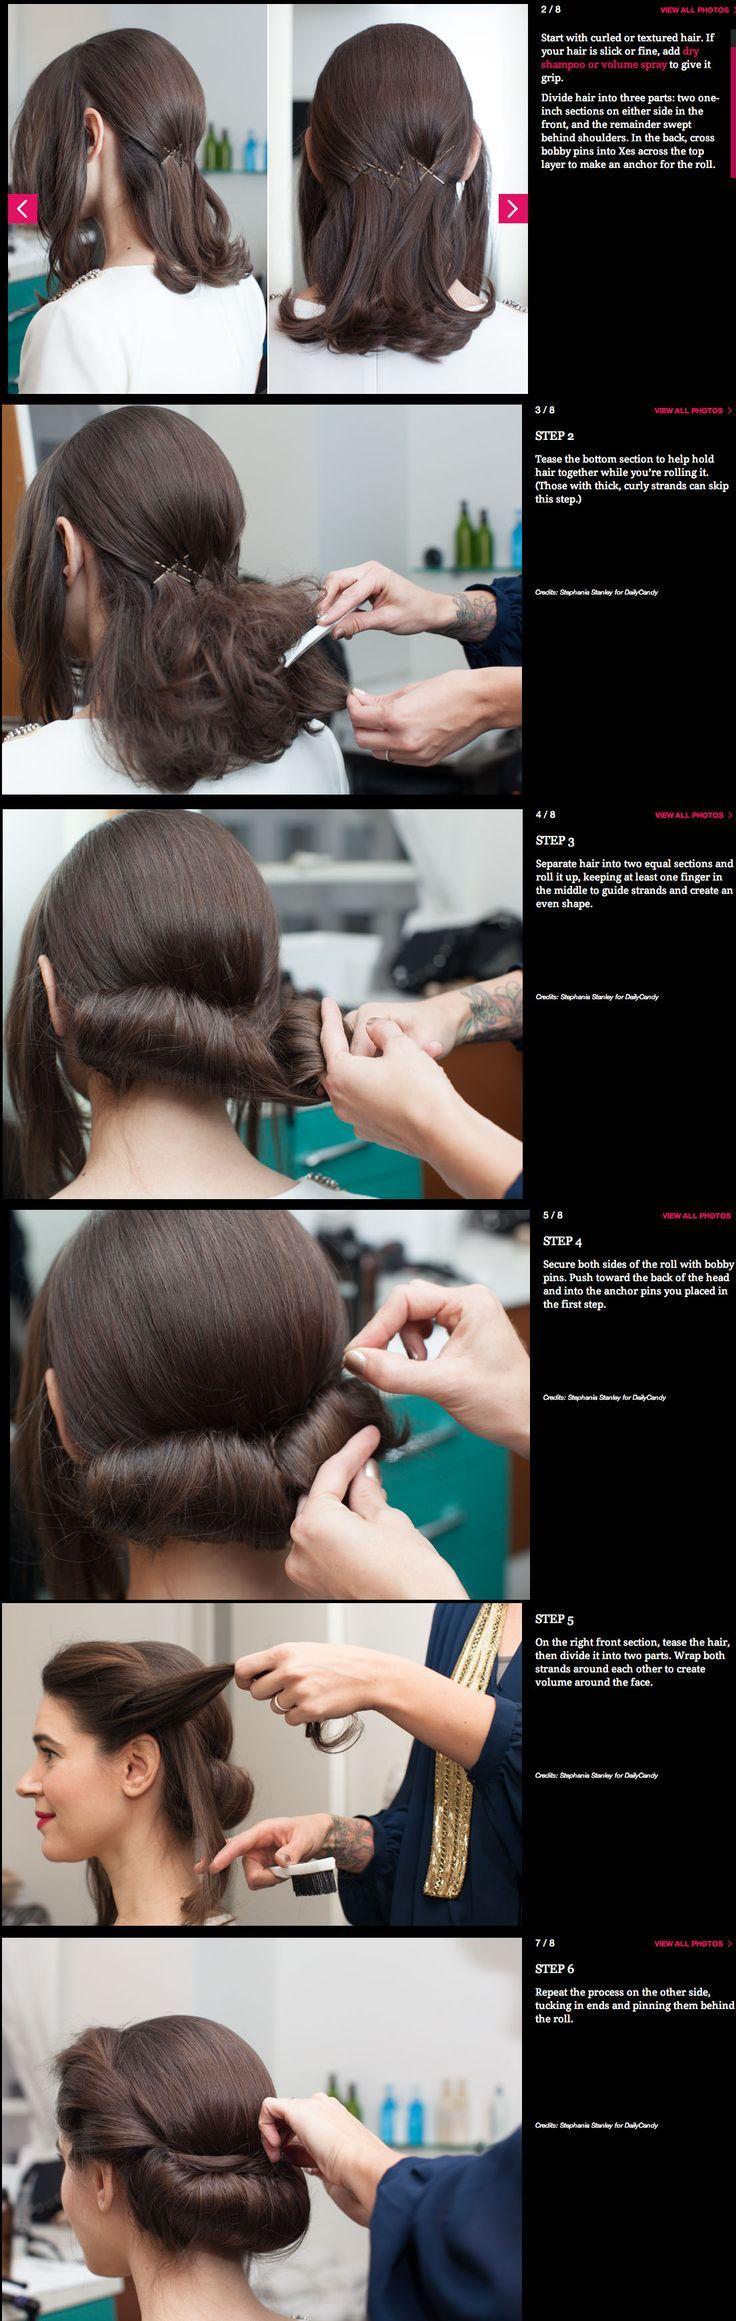 Diy low roll updobeauty hairstyles shoulder length beauty